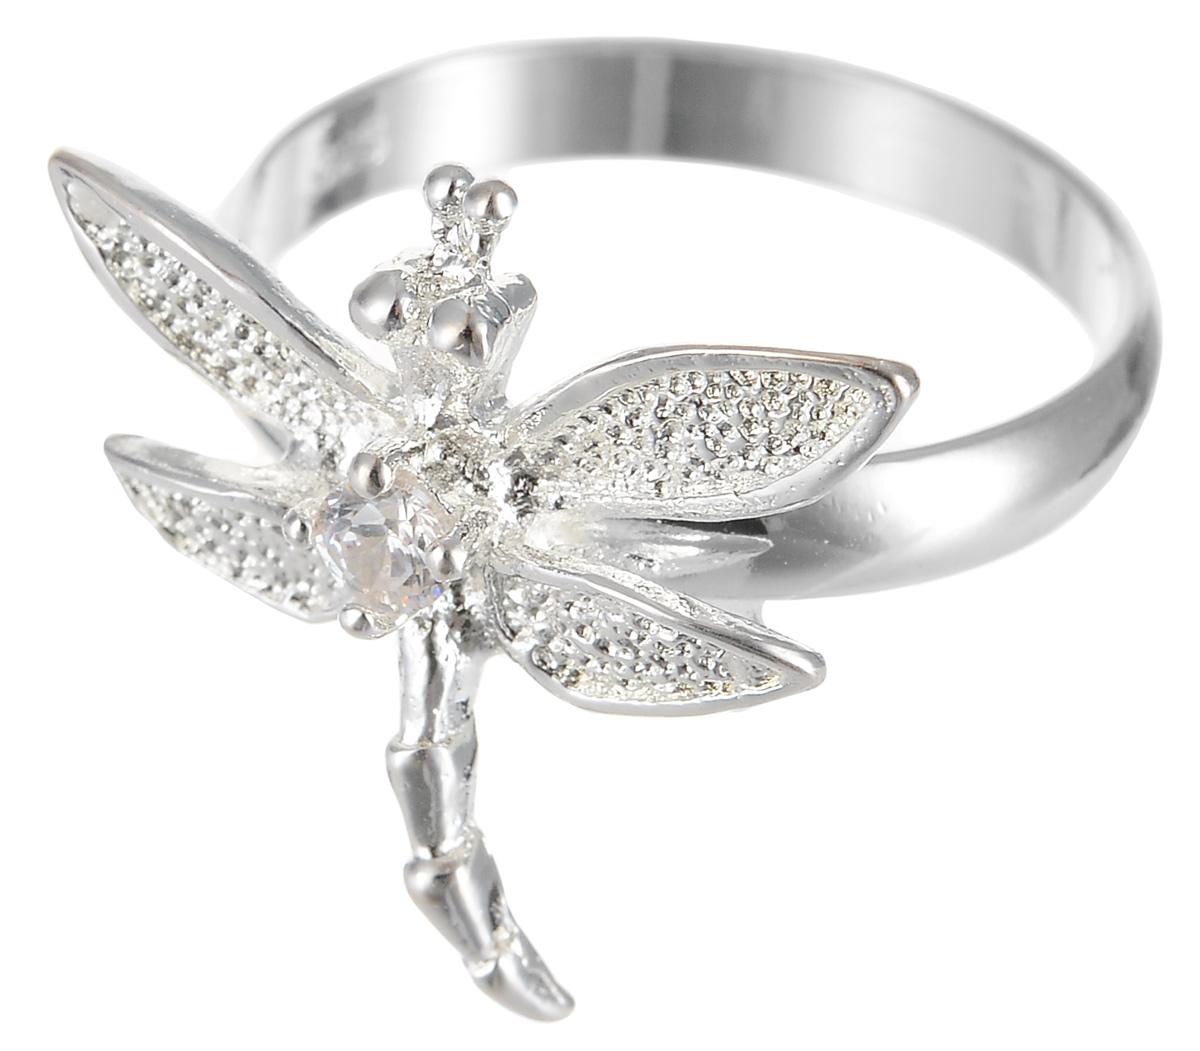 Кольцо Бабочка. Бижутерный сплав, кристаллы. Корея, конец XX векаОС27821Кольцо Бабочка выполнено из бижутерного сплава и украшено небольшой бабочкой с кристаллом в центре. Идеально подойдет для стильных и ярких.